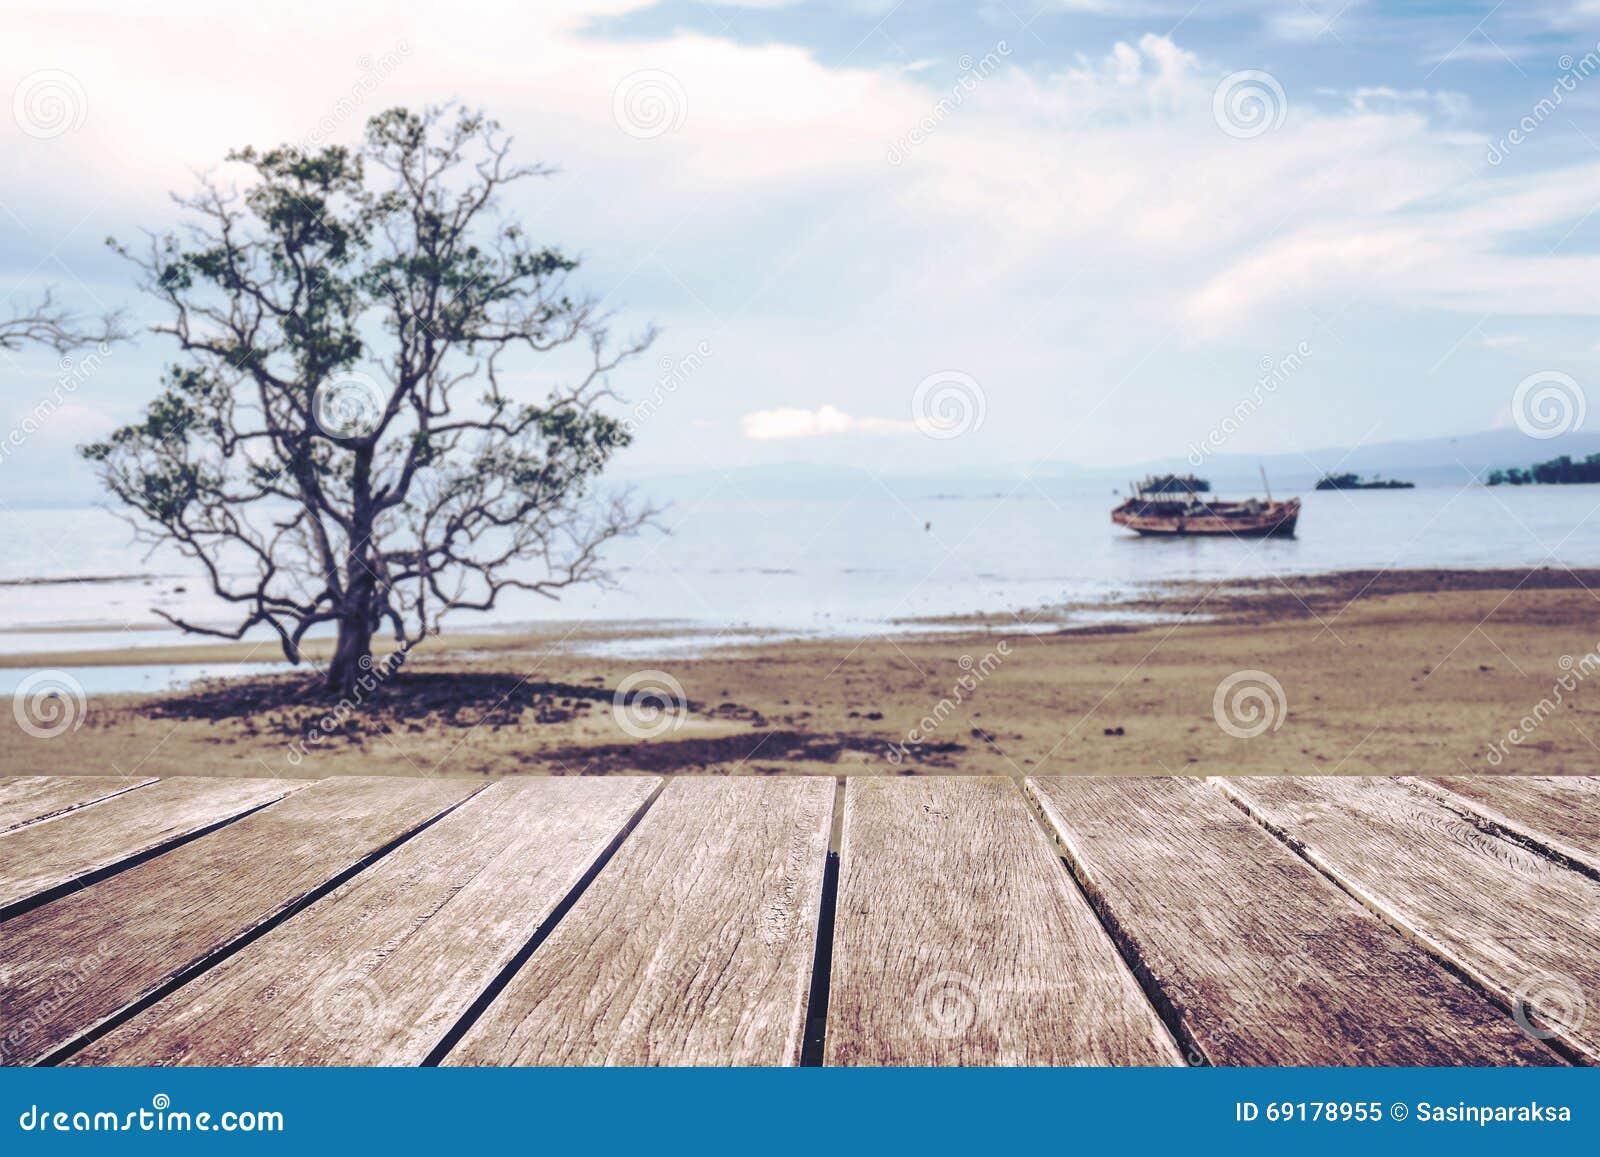 Tono Terraza : Tono terraza: terraza de madera con defocus el árbol y el viejo